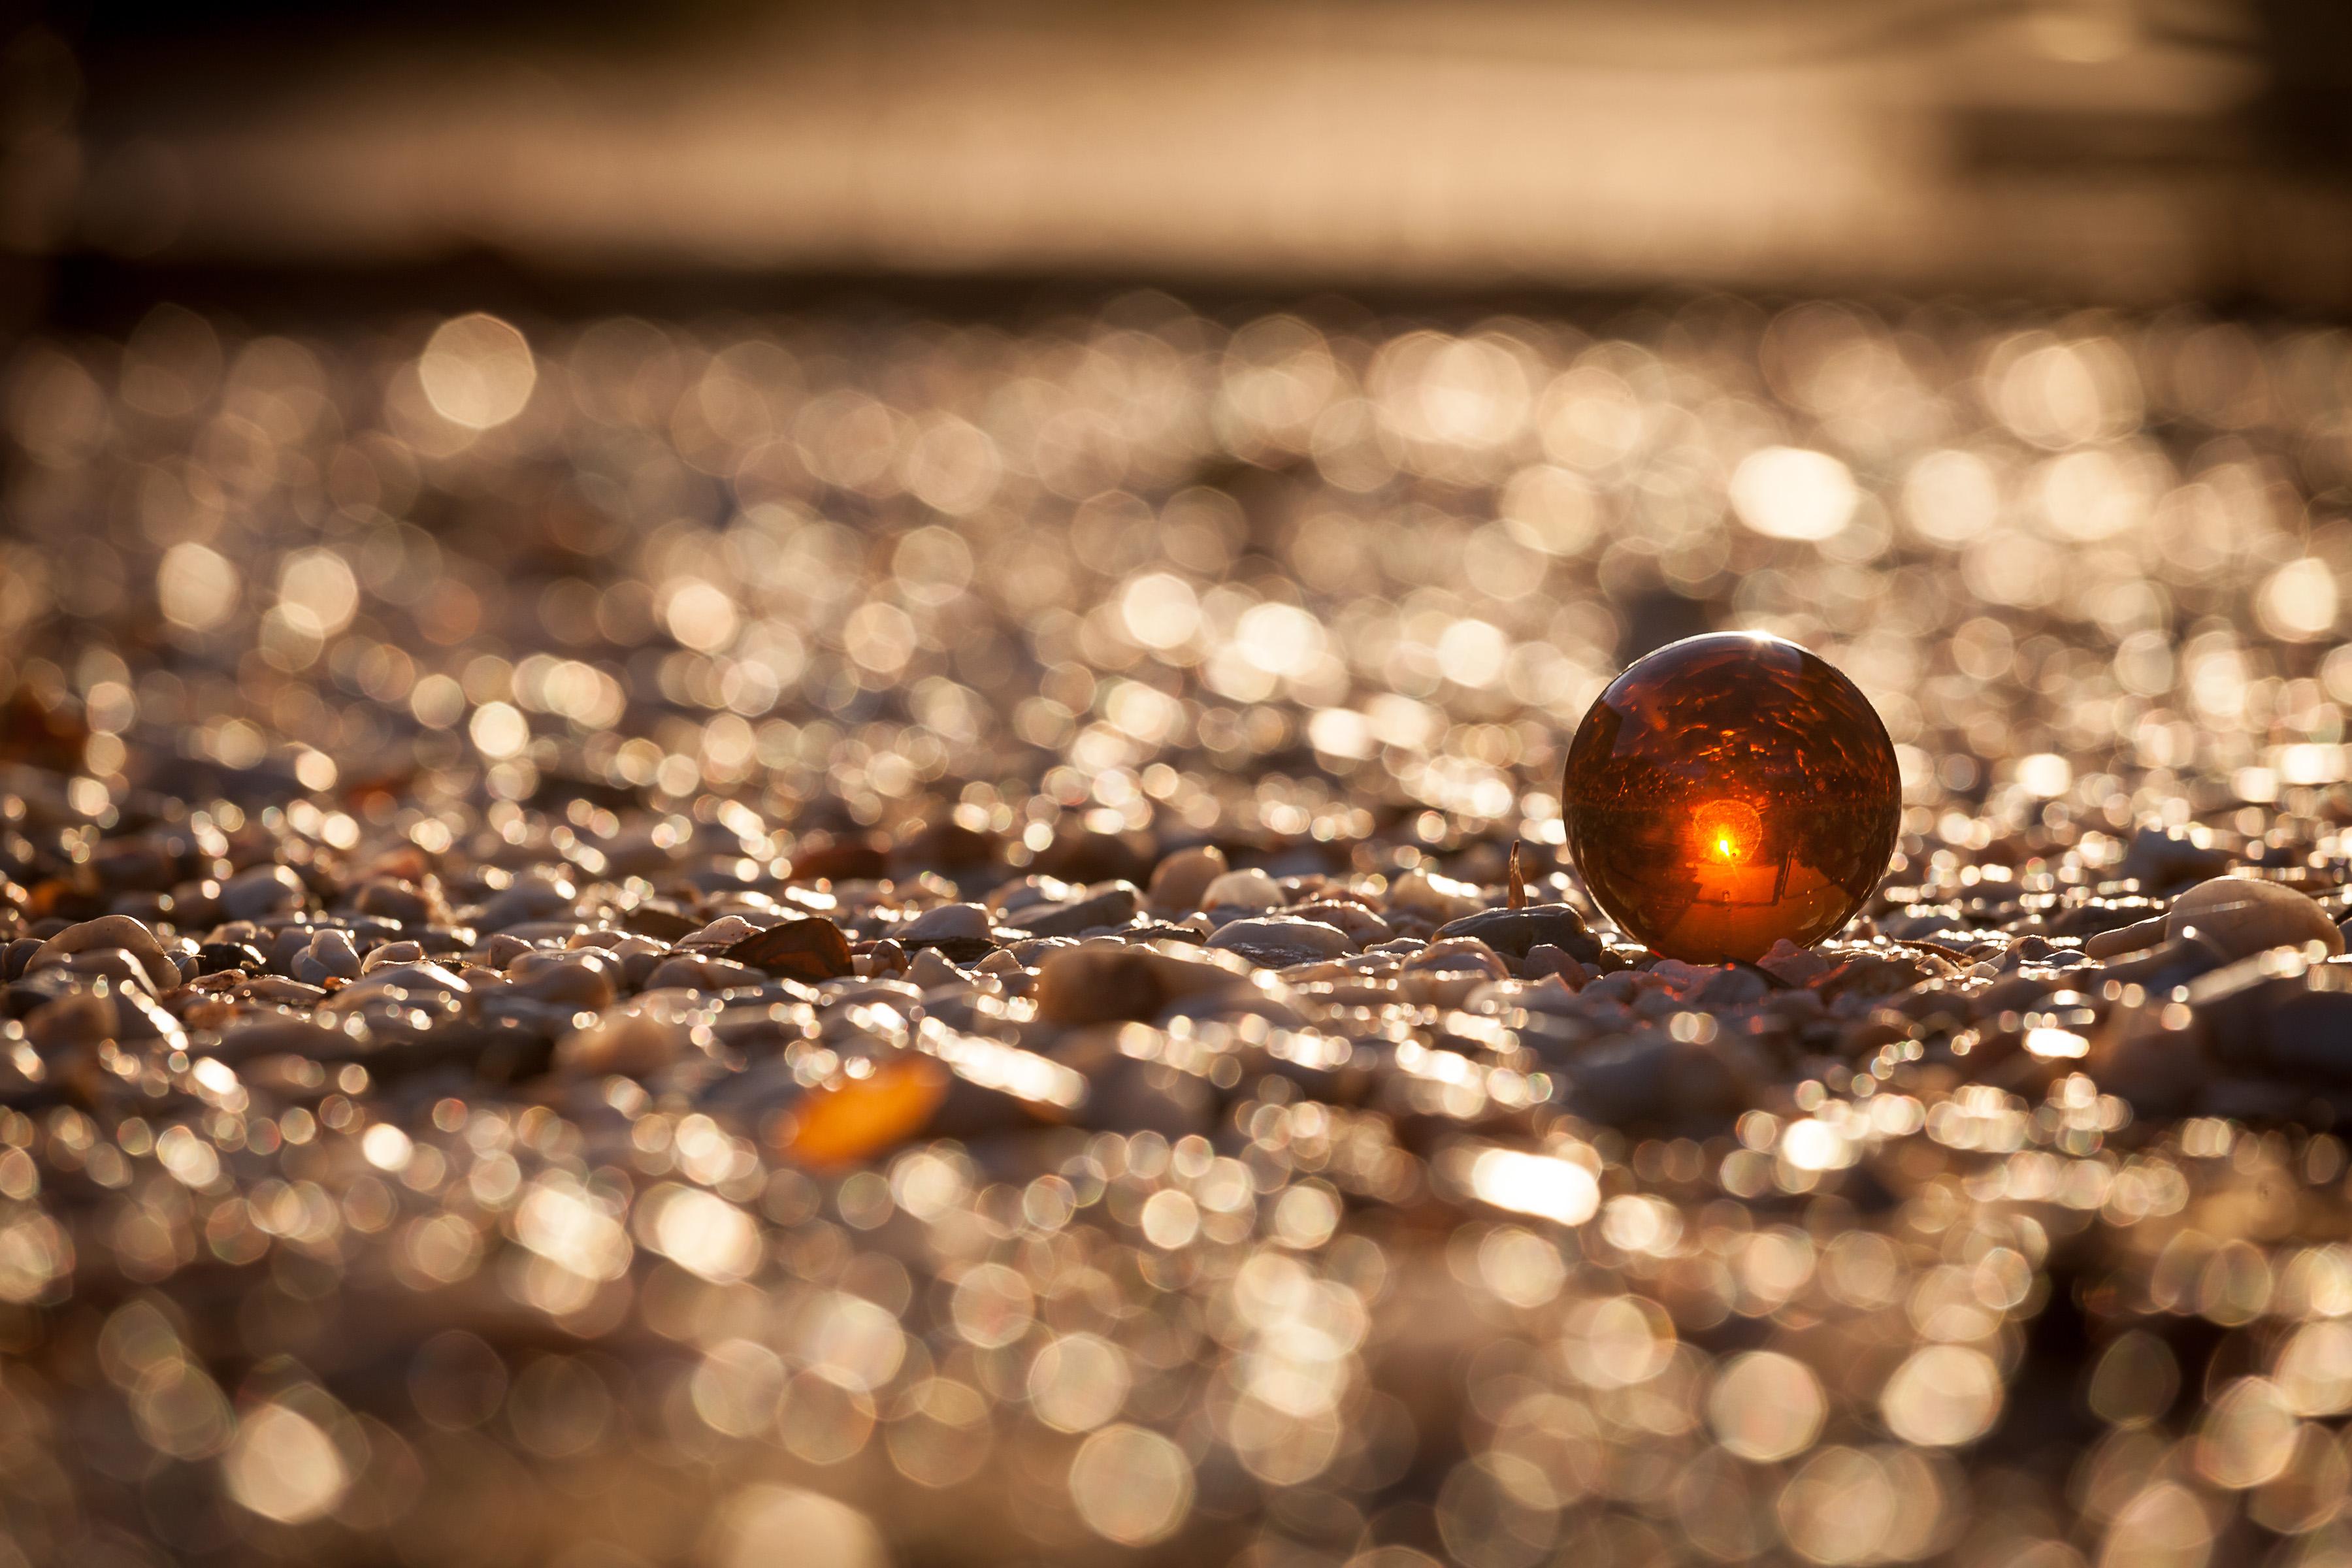 Marble Effect - Samantha Munt